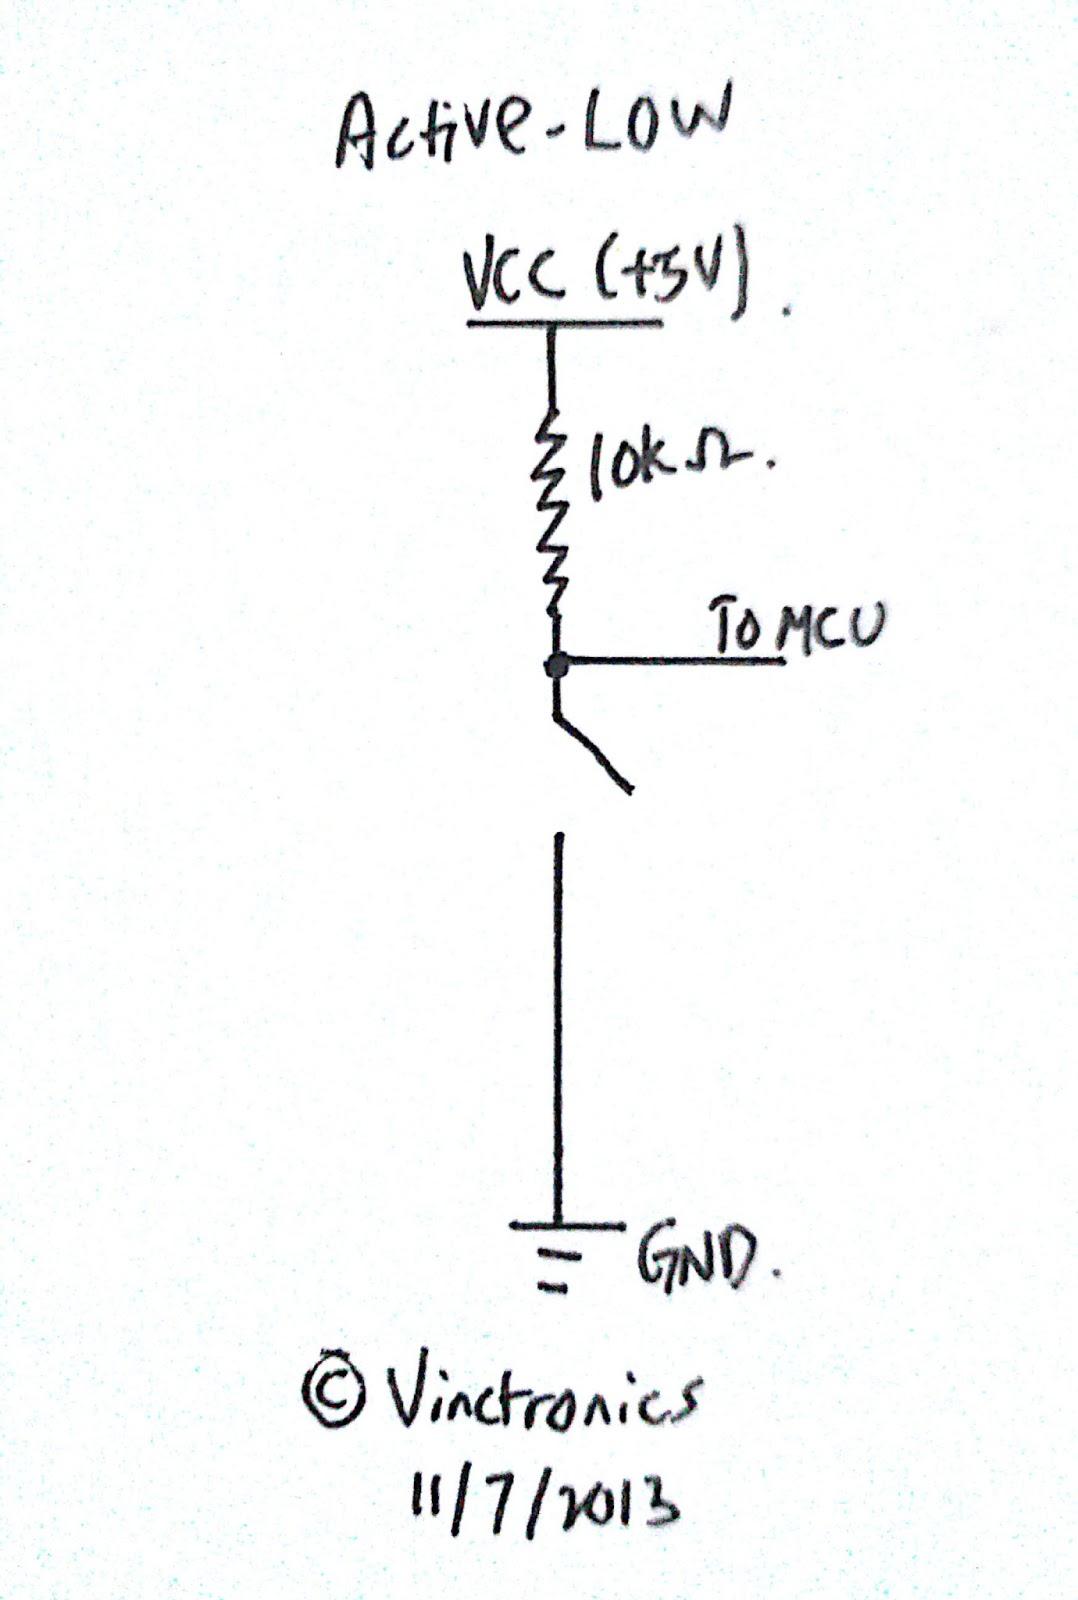 Vinctronics Active High Vs Active Low Button